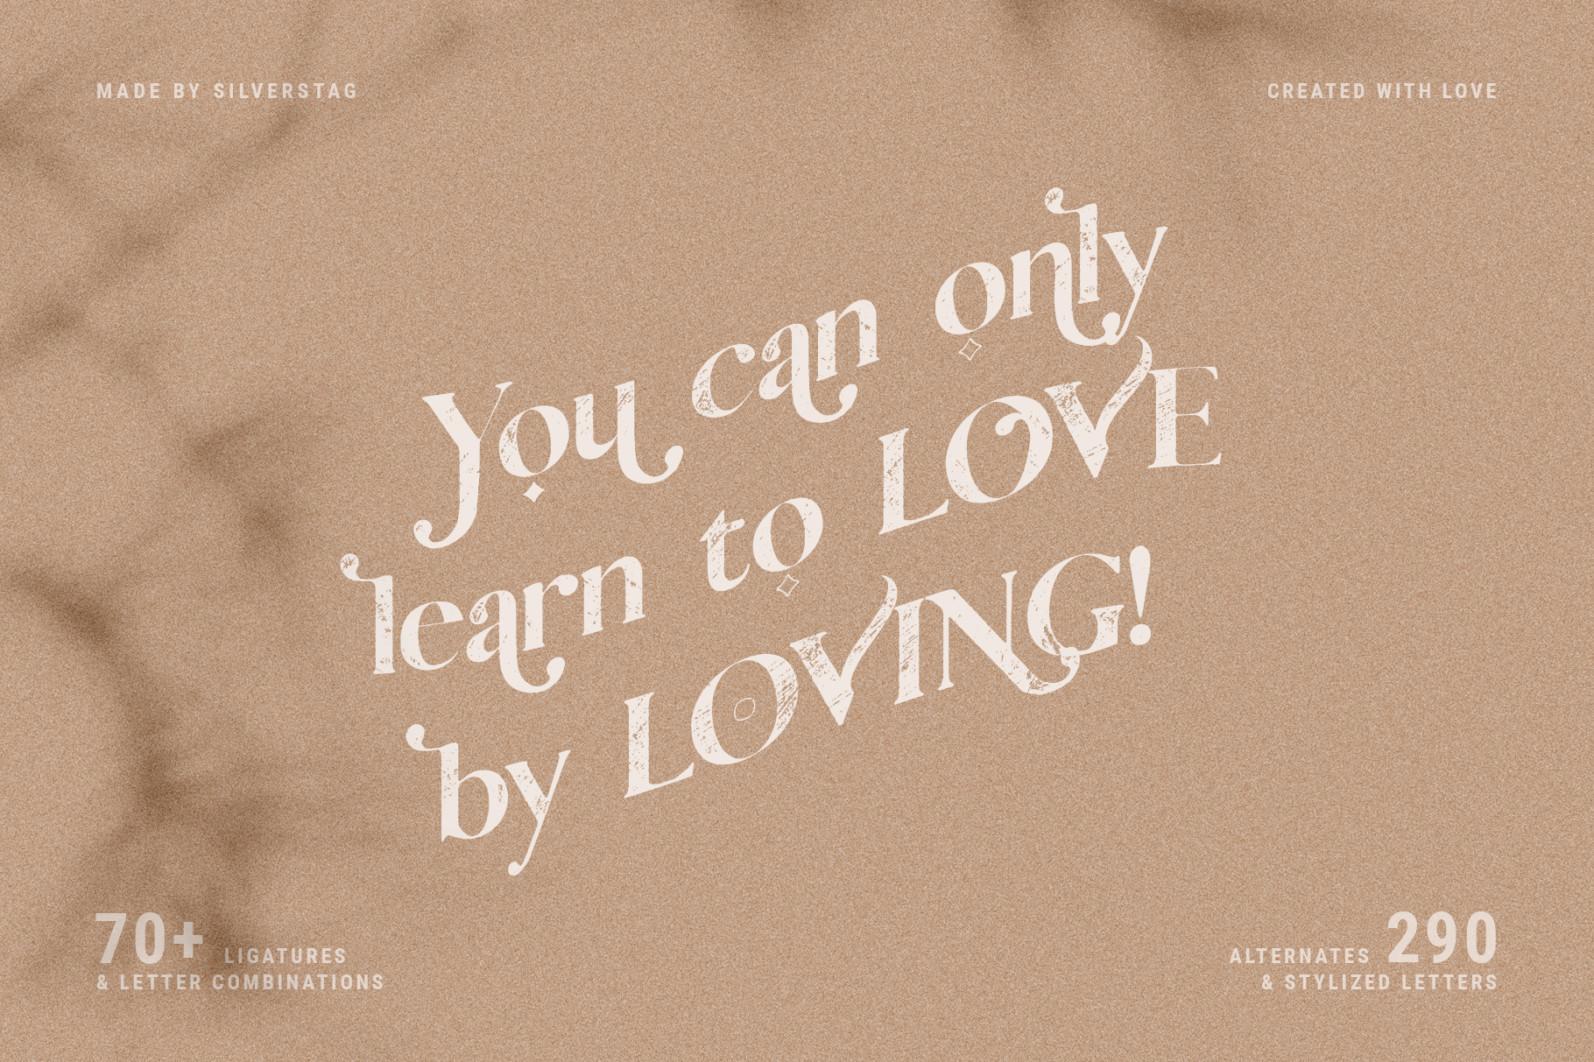 Vicky Christina - Vintage Serif Font - 17 vicky christina vintage ligature serif by silver stag -